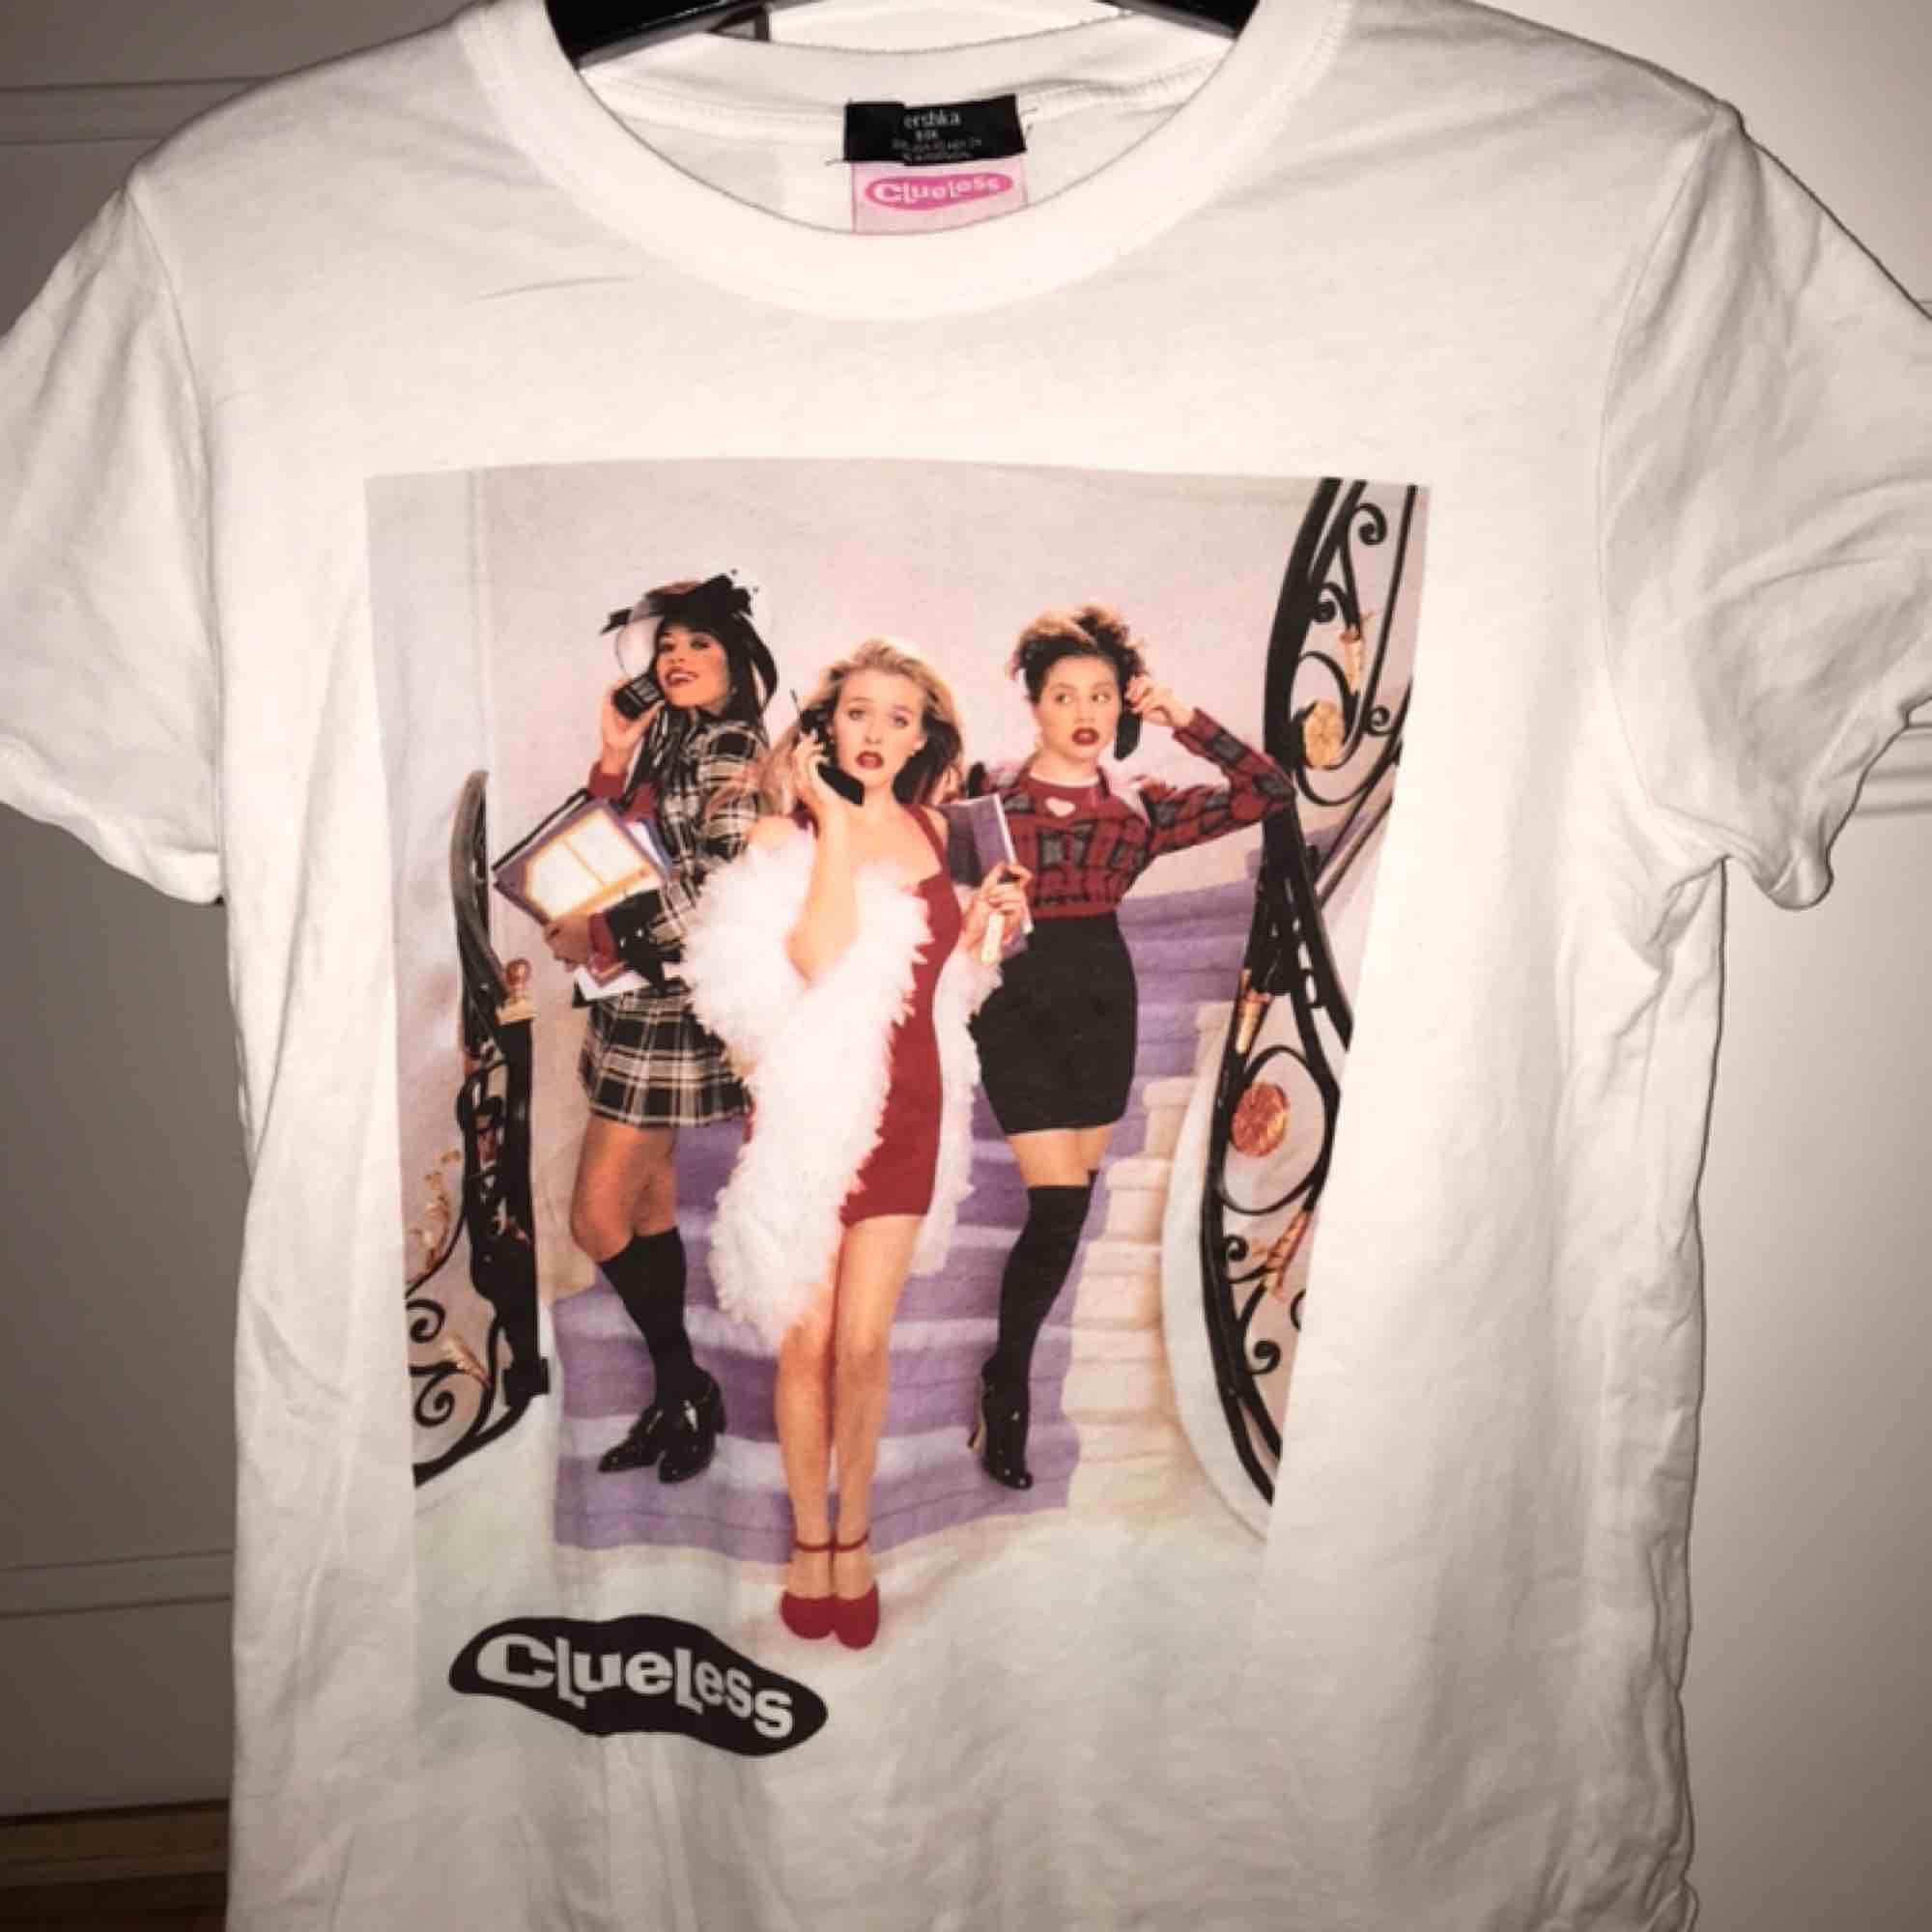 Söt tröja från Bershka med Clueless bild. Står även Clueless på ryggen. Storlek XS men passar även S kanske t.o.m. m. Exkl. frakt. T-shirts.